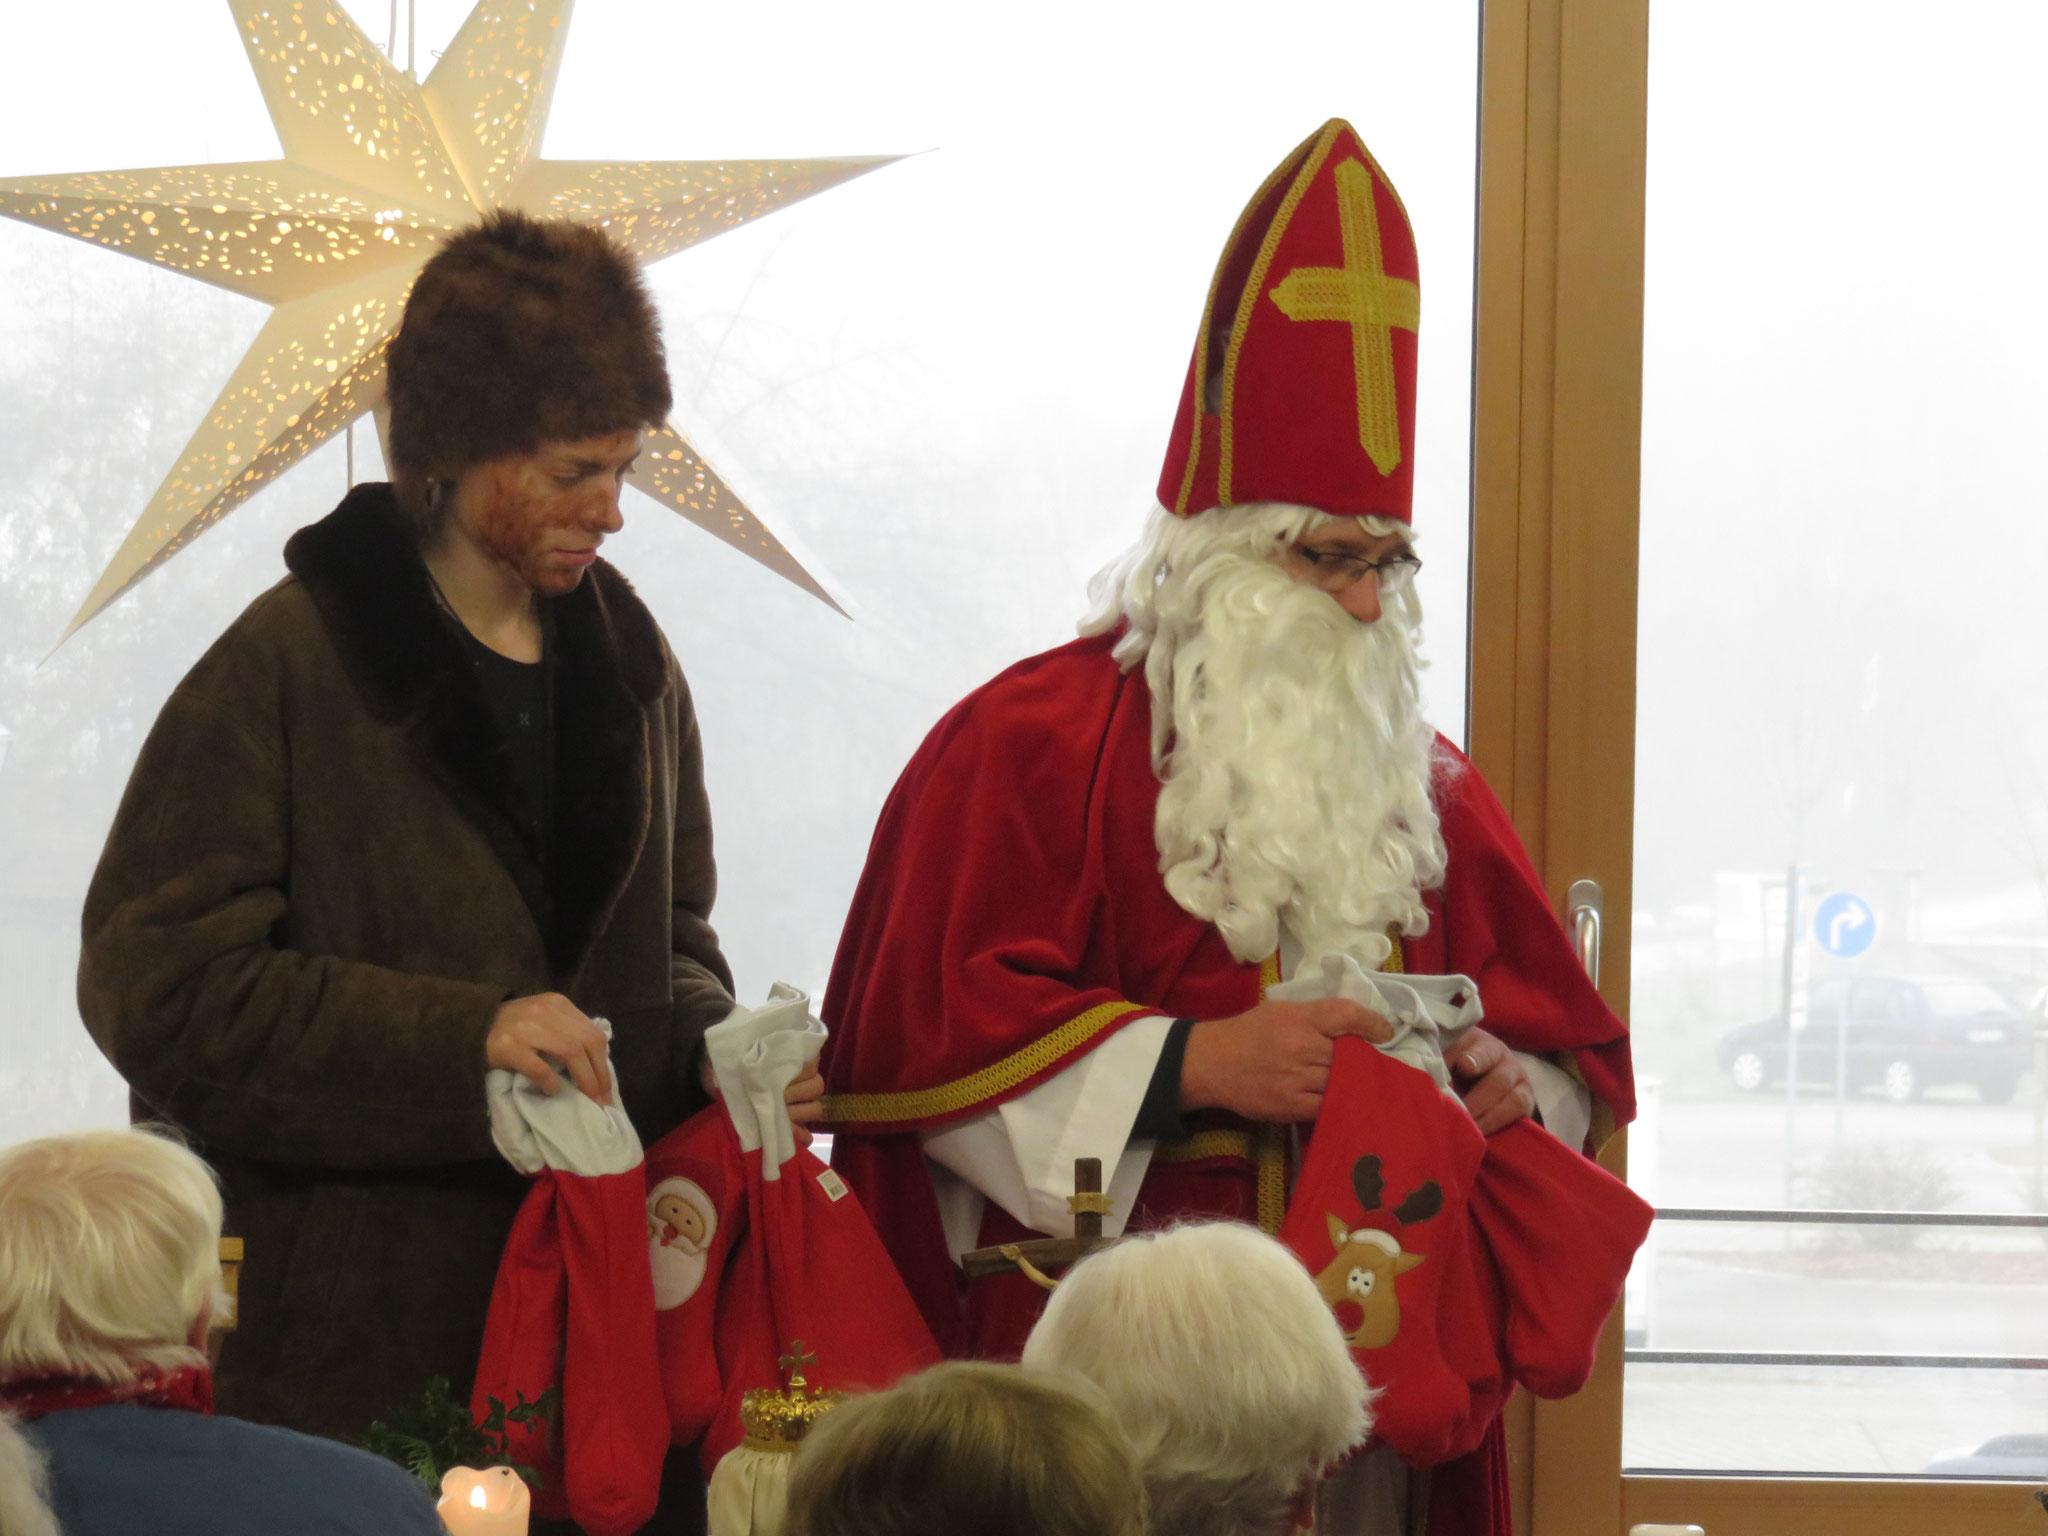 Und jetzt gibt es natürlich Geschenke vom Nikolaus.